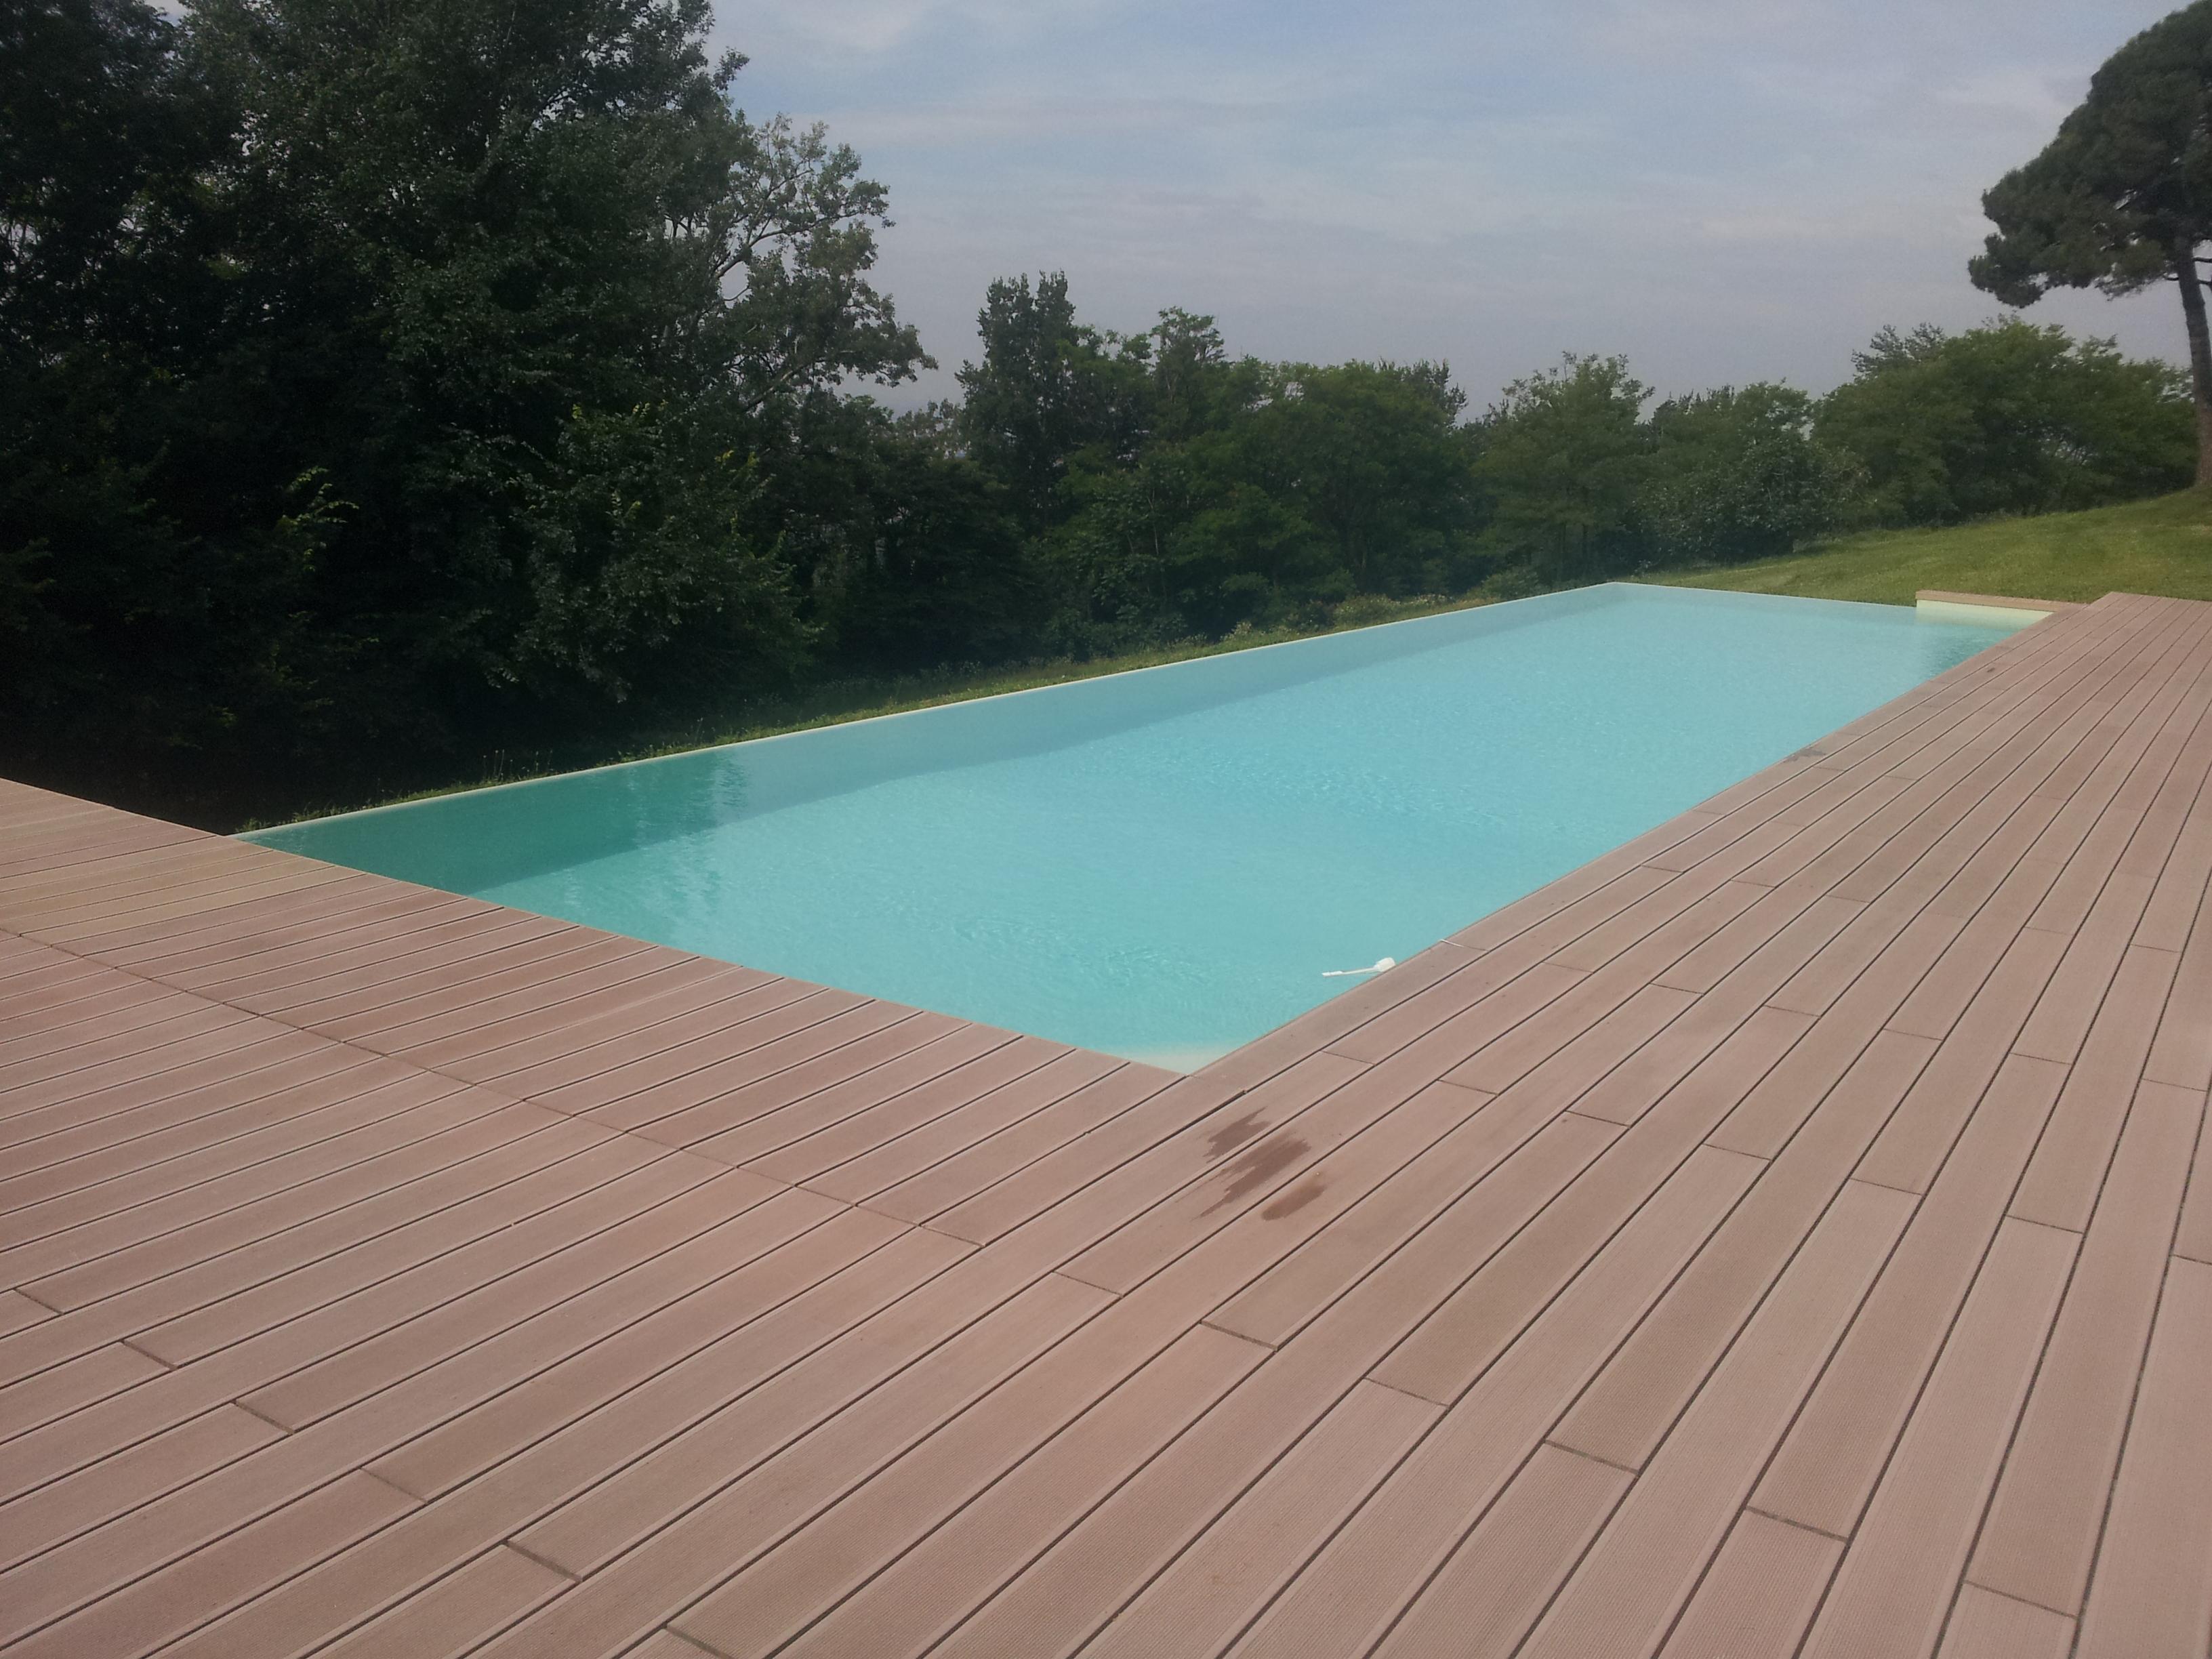 piscina infinity con deck in legno ricostruito